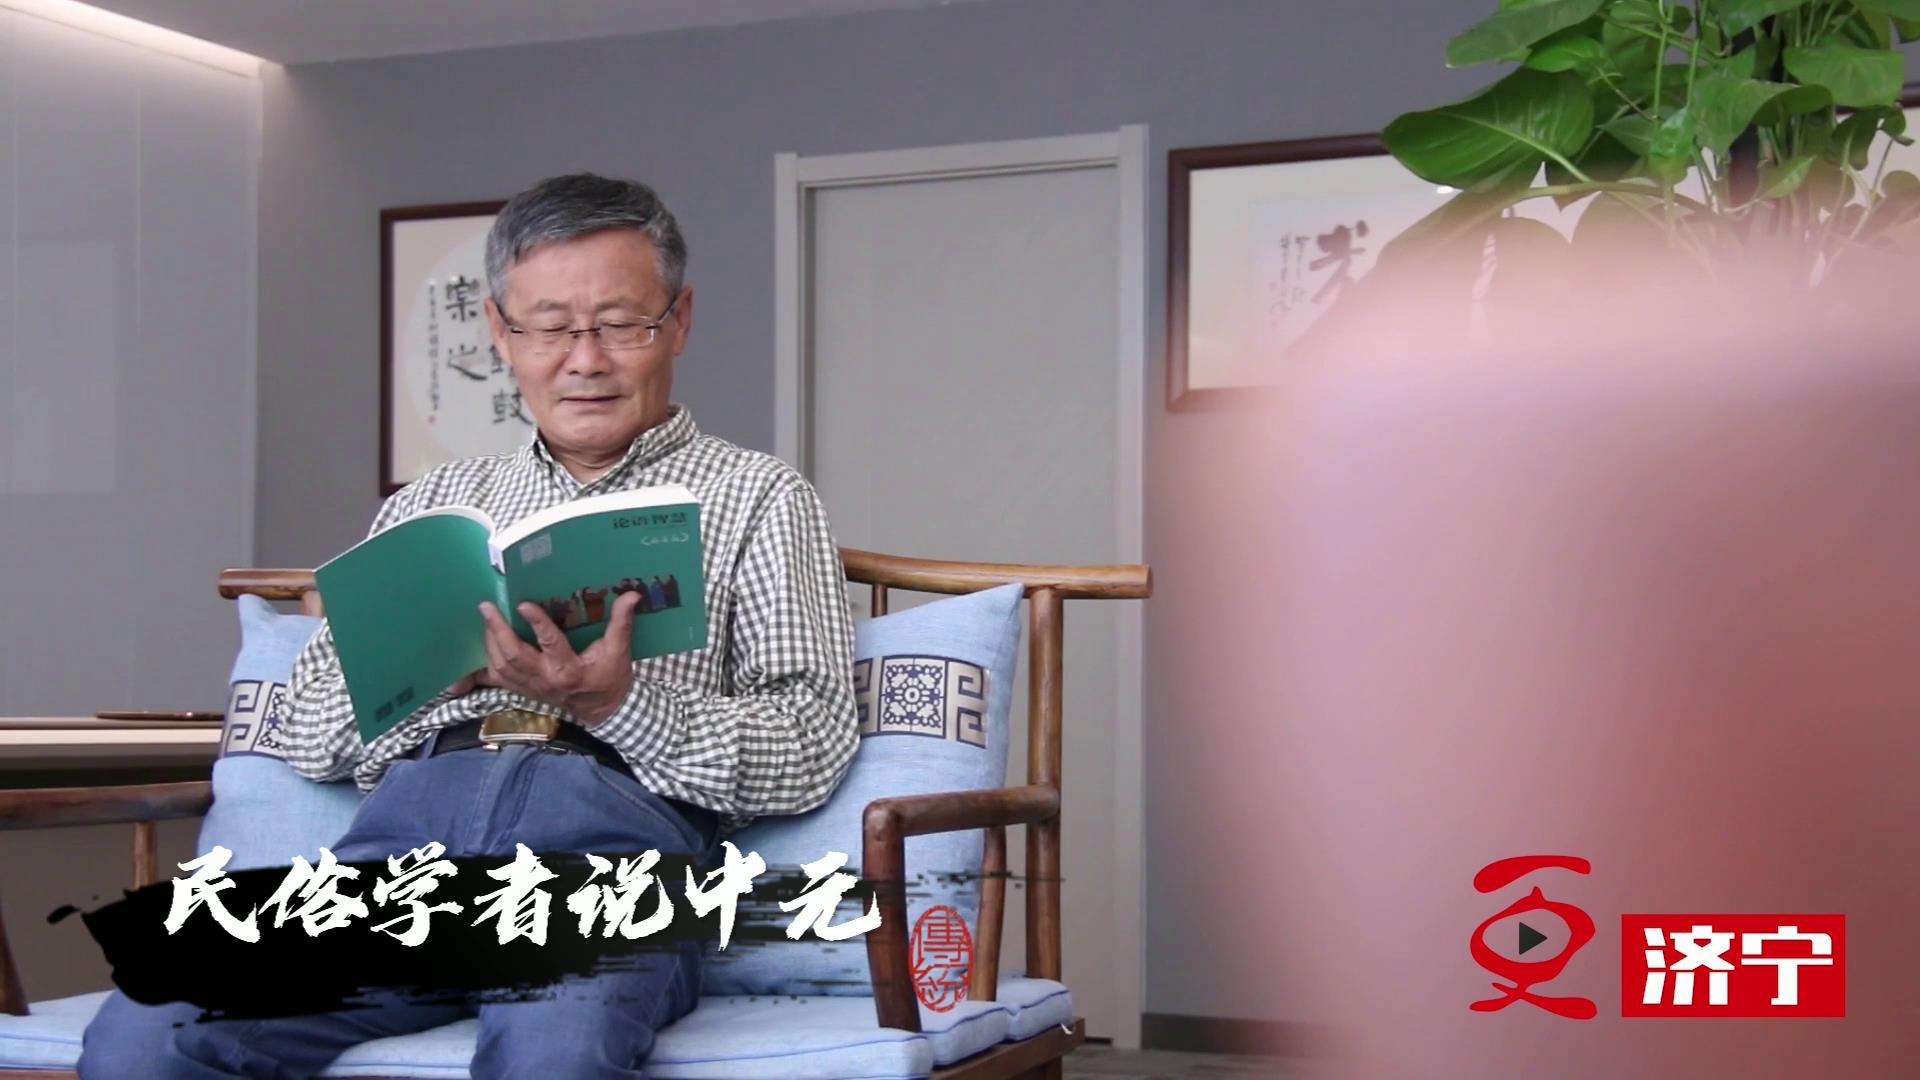 更济宁丨民俗学者说中元